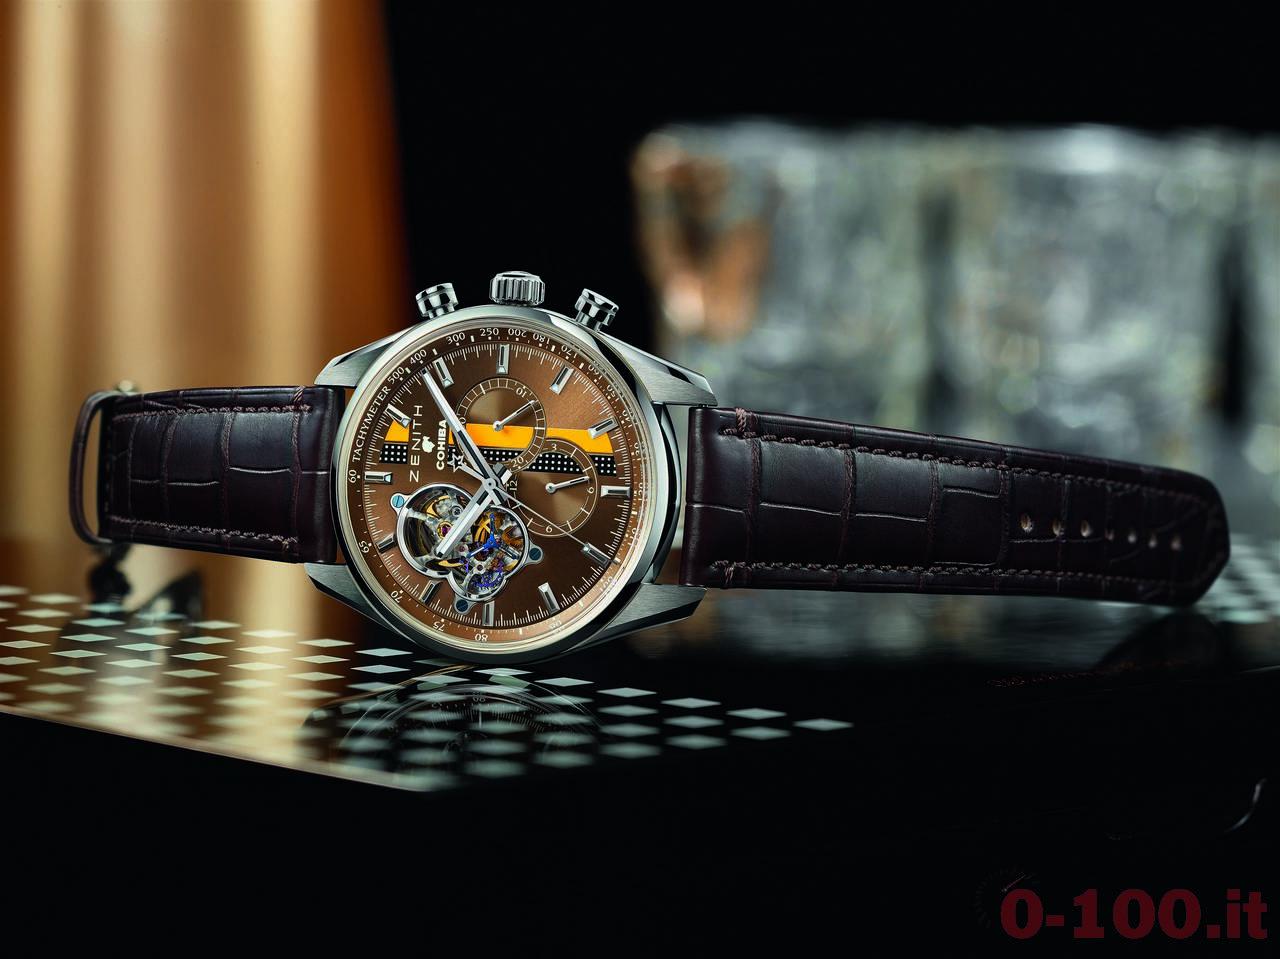 zenith-el-primero-chronomaster-1969-cohiba-edition-anniversario-prezzo-price_0-1004